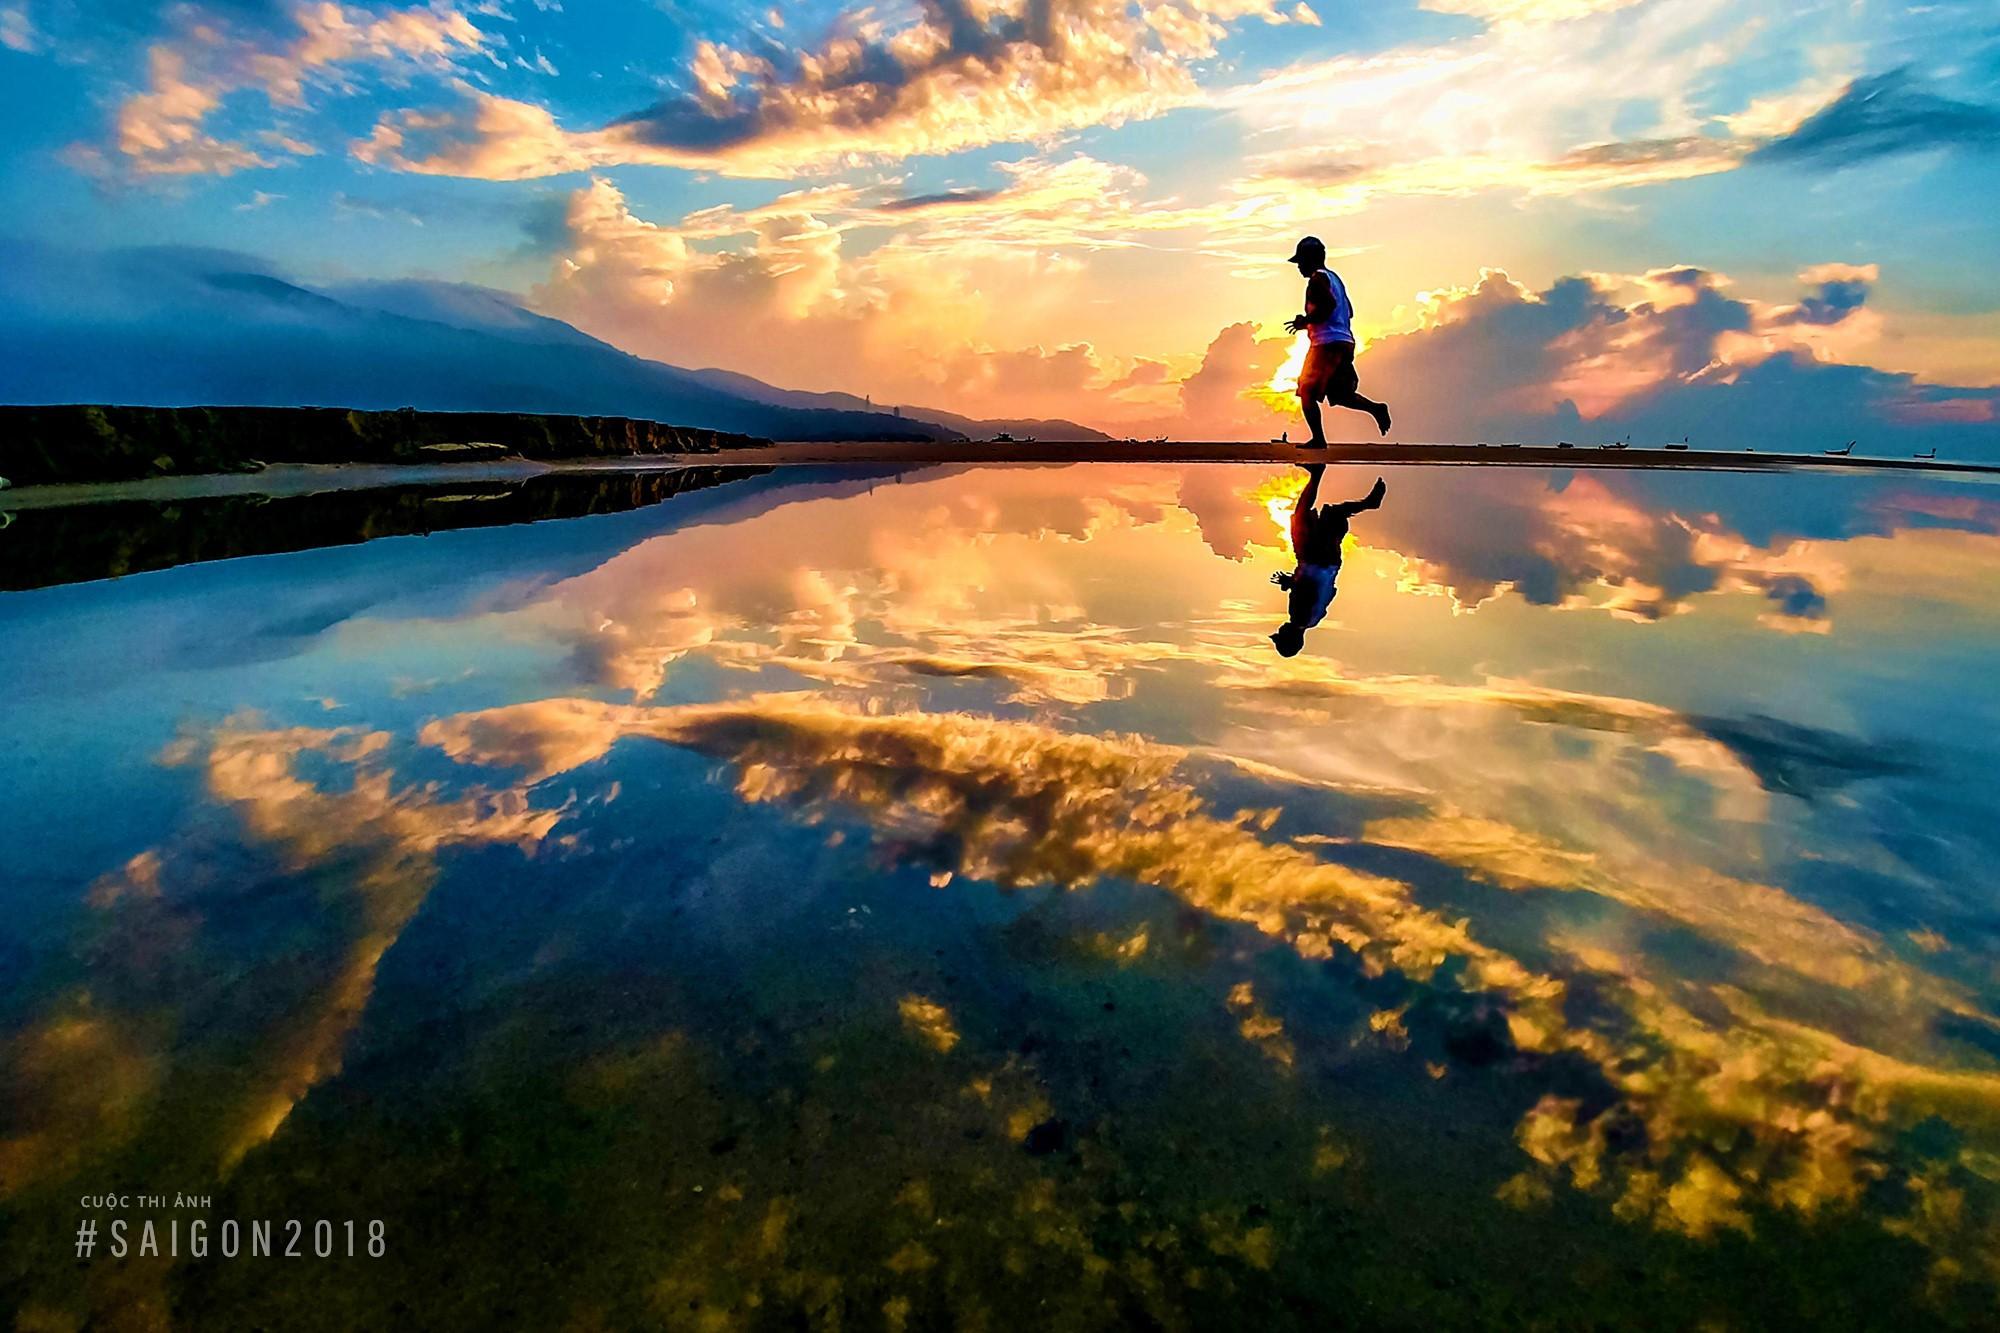 Ảnh bầu trời khi bình minh cực đẹp trên Việt Nam